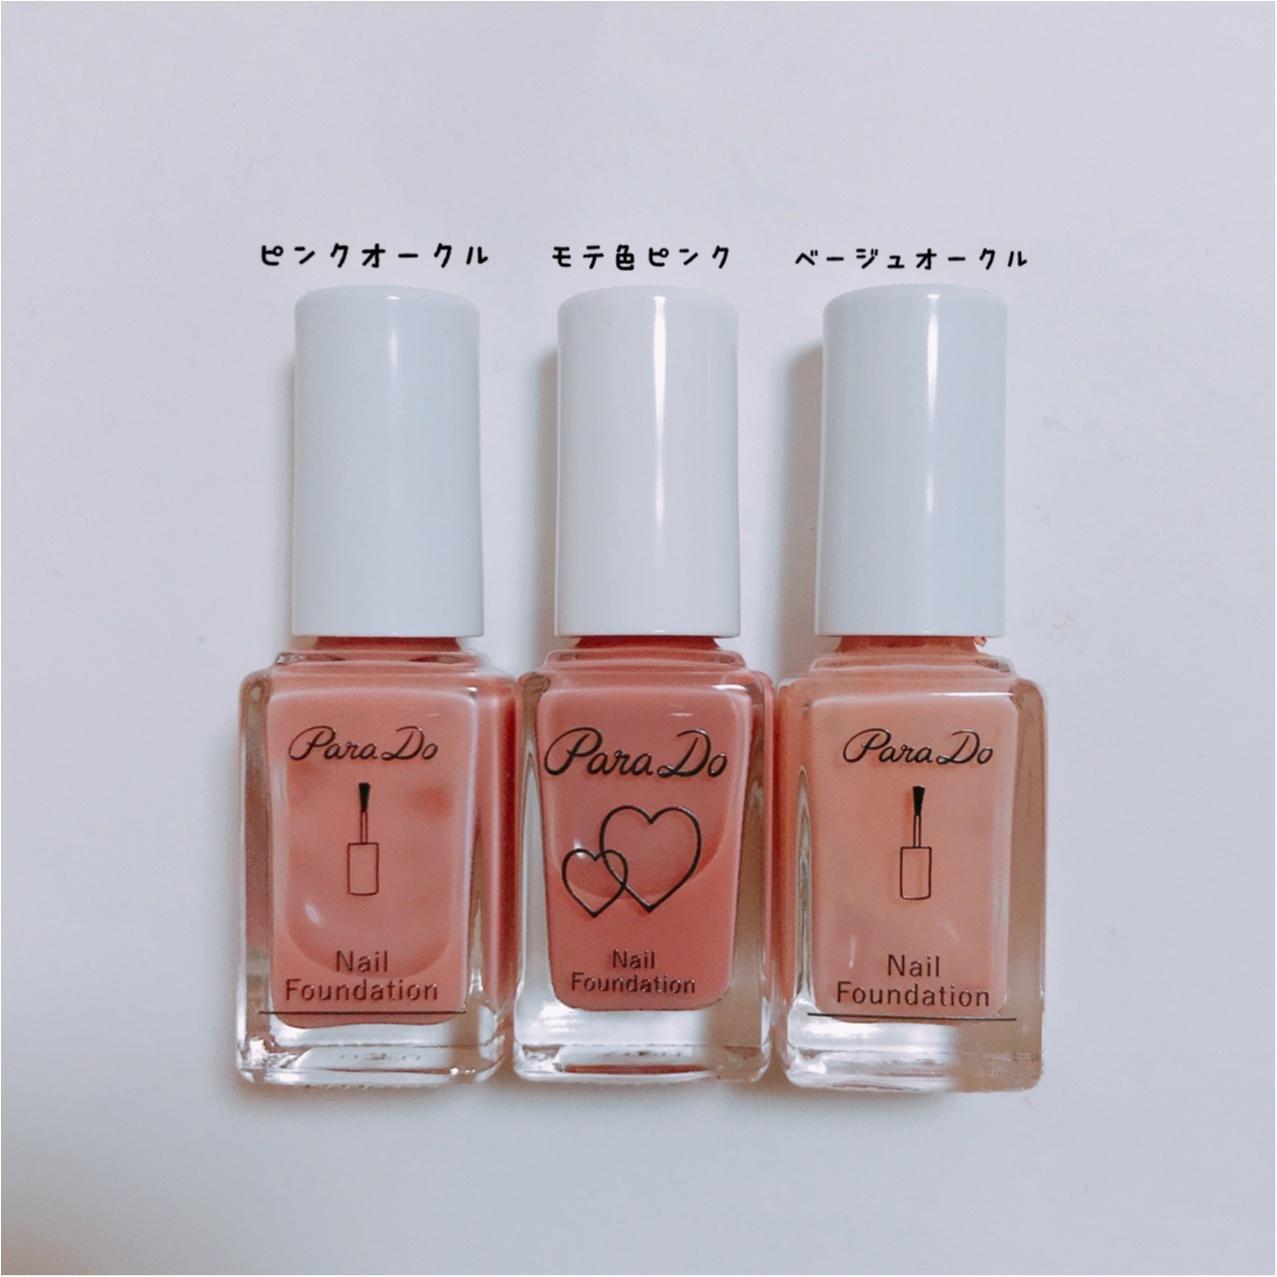 """コンビニで買える♪《パラドゥ》の""""モテネイル""""から限定カラー【モテ色ピンク】が登場♡_3"""